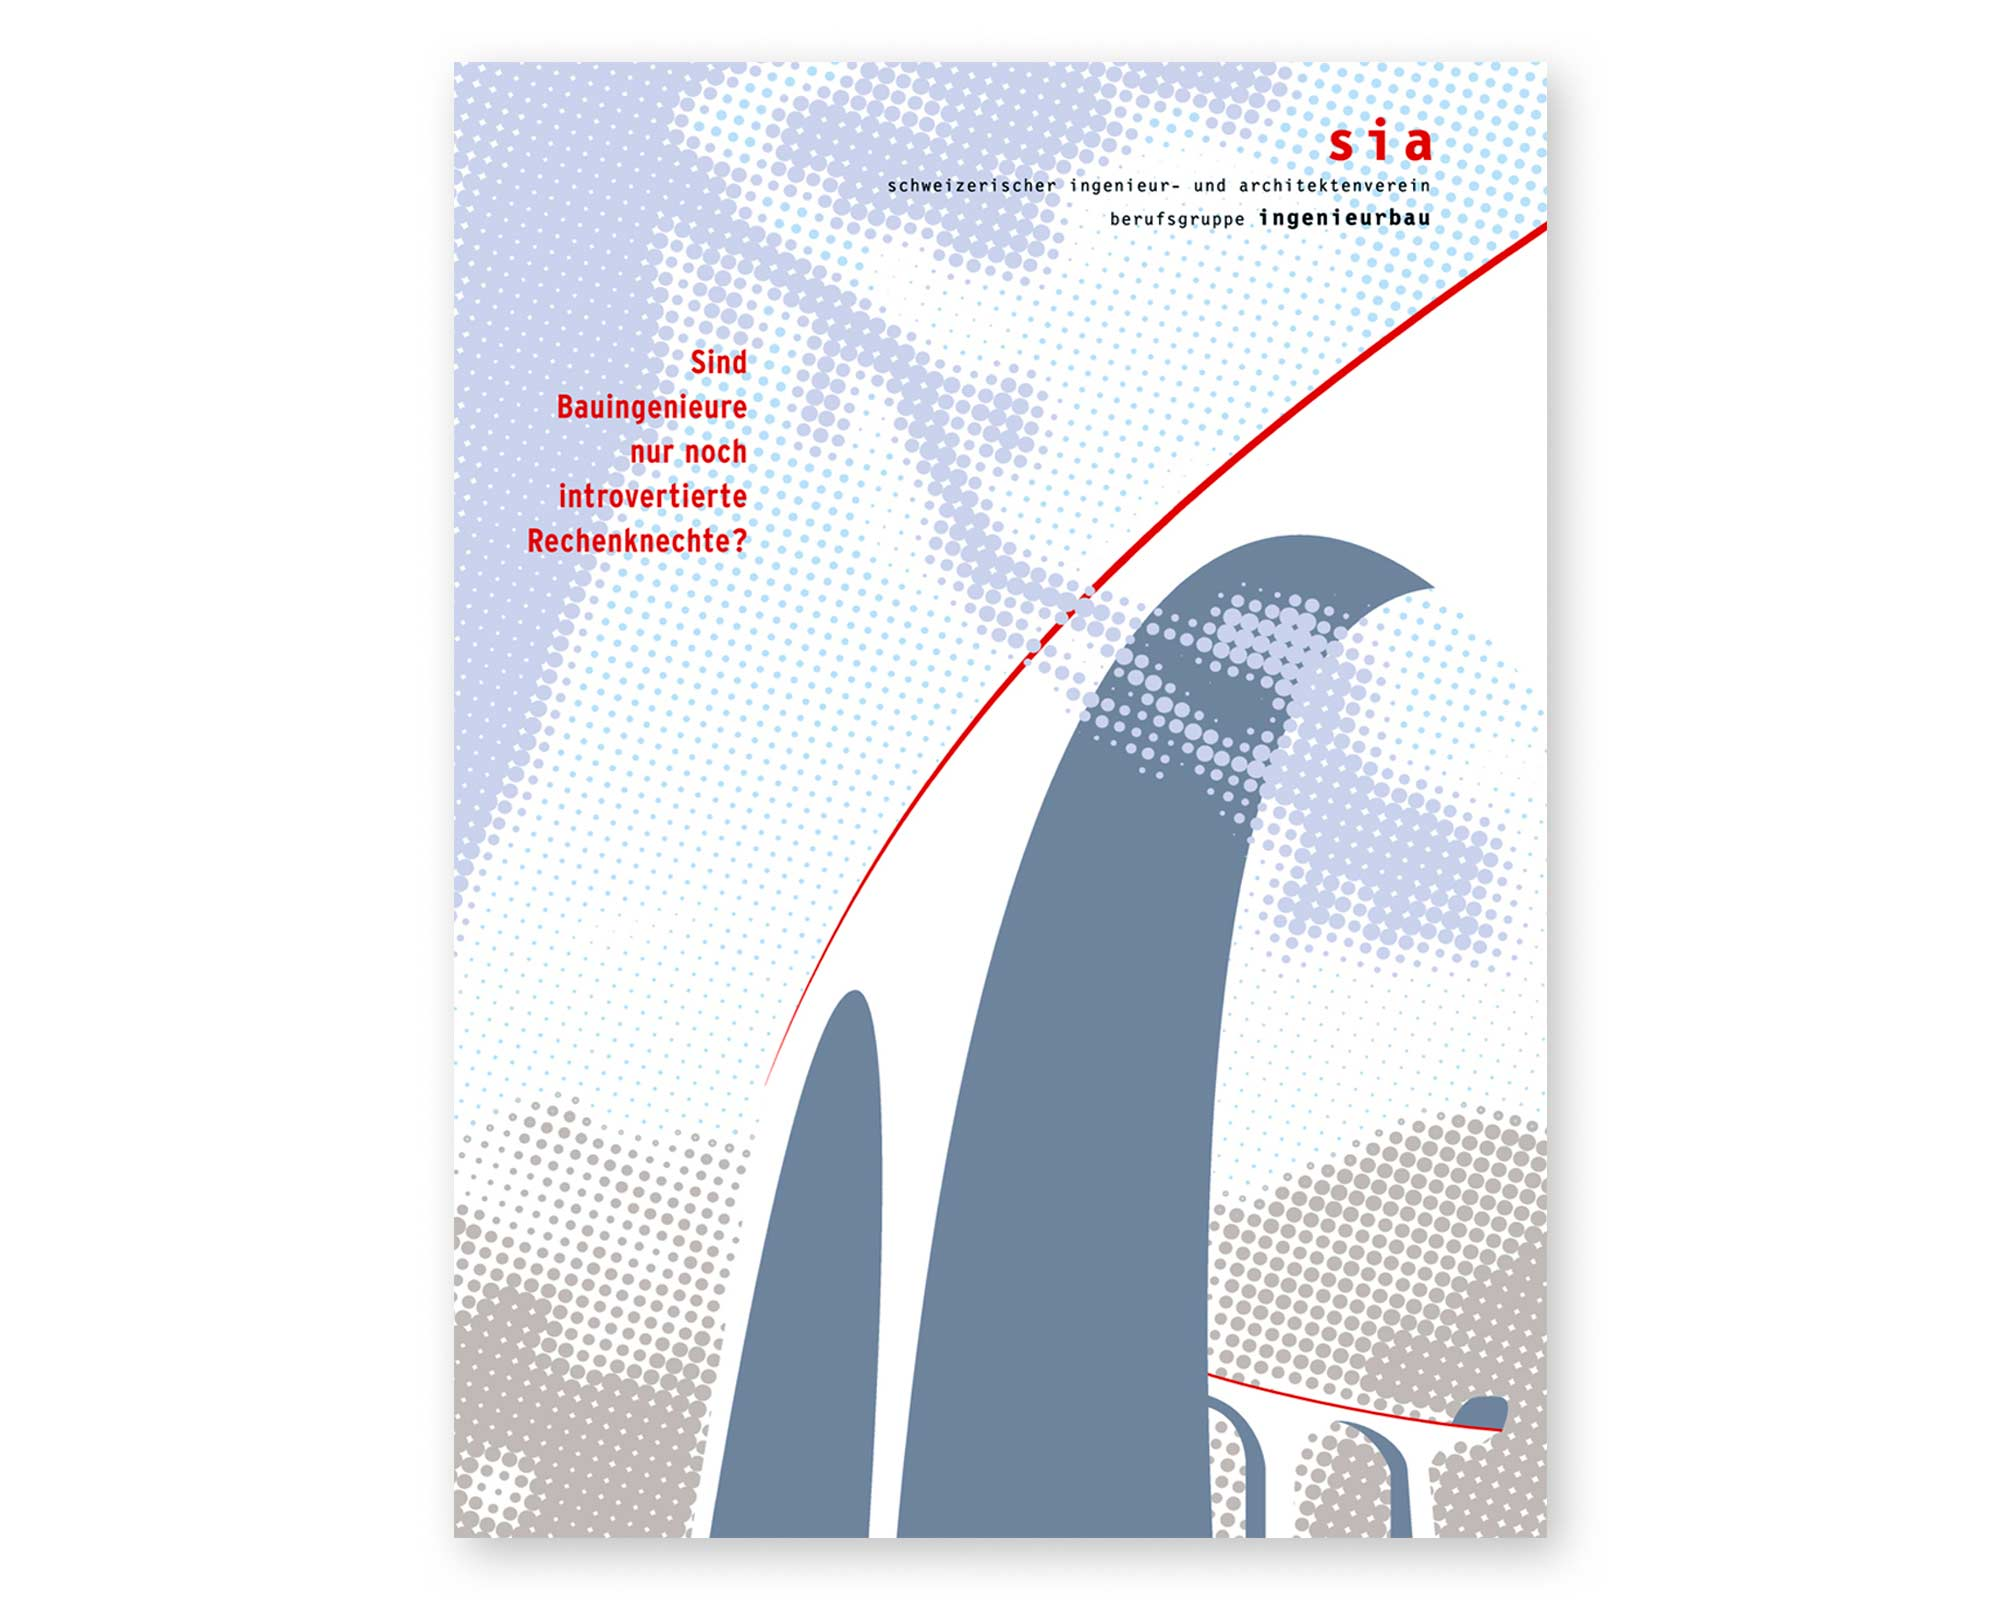 Schweizerischer Ingenieurs- und Architektenverein SIA – Plakat